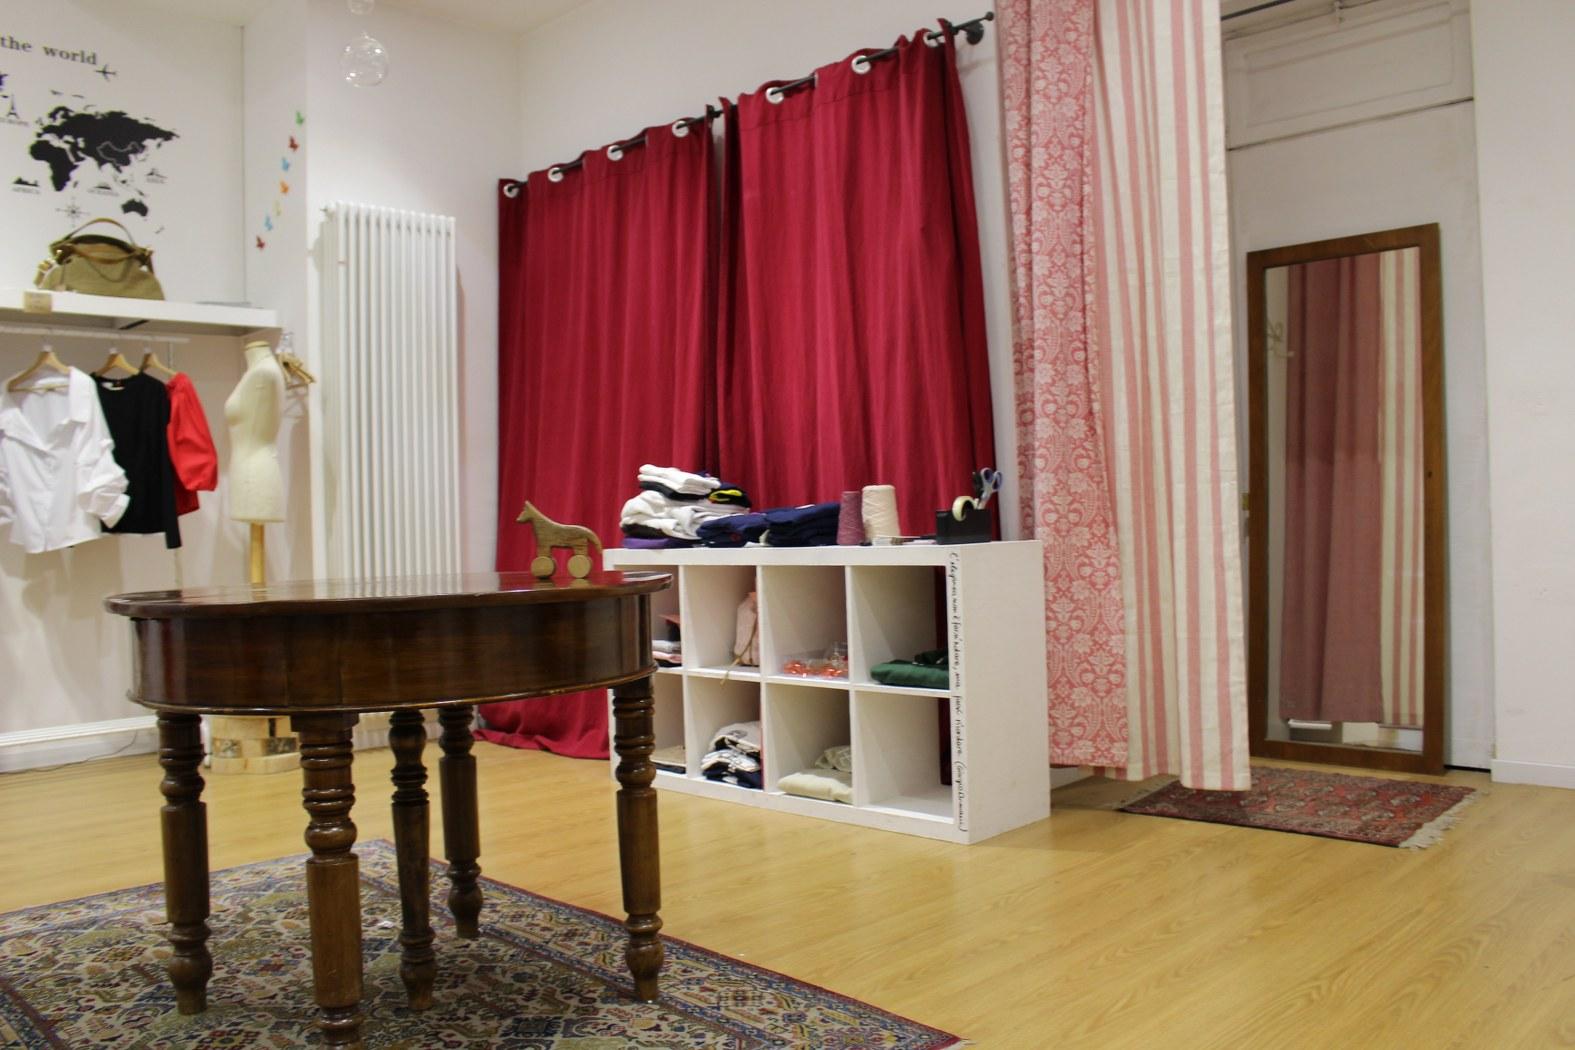 Negozio / Locale in vendita a Aosta, 9999 locali, zona Zona: Centro, prezzo € 200.000 | CambioCasa.it